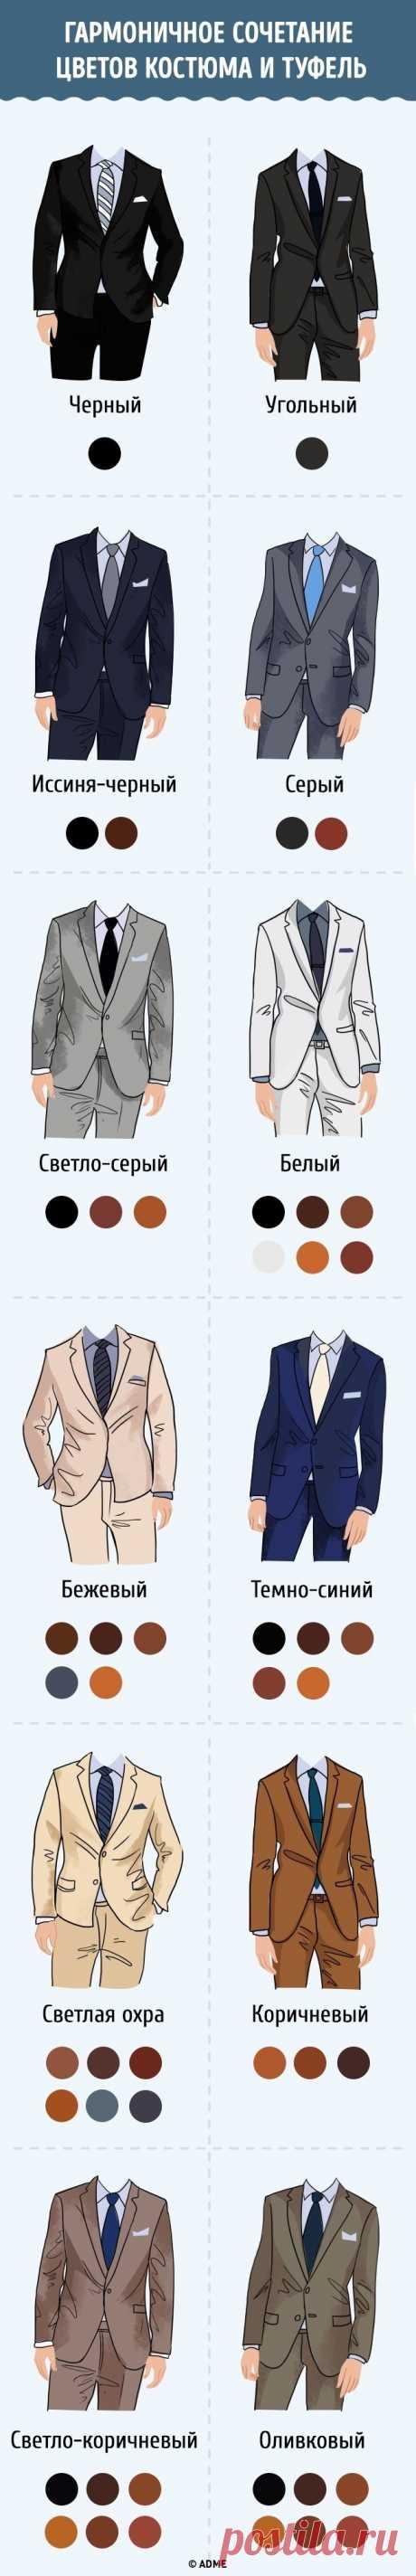 Гармоничное сочетание цветов мужского костюма и туфель